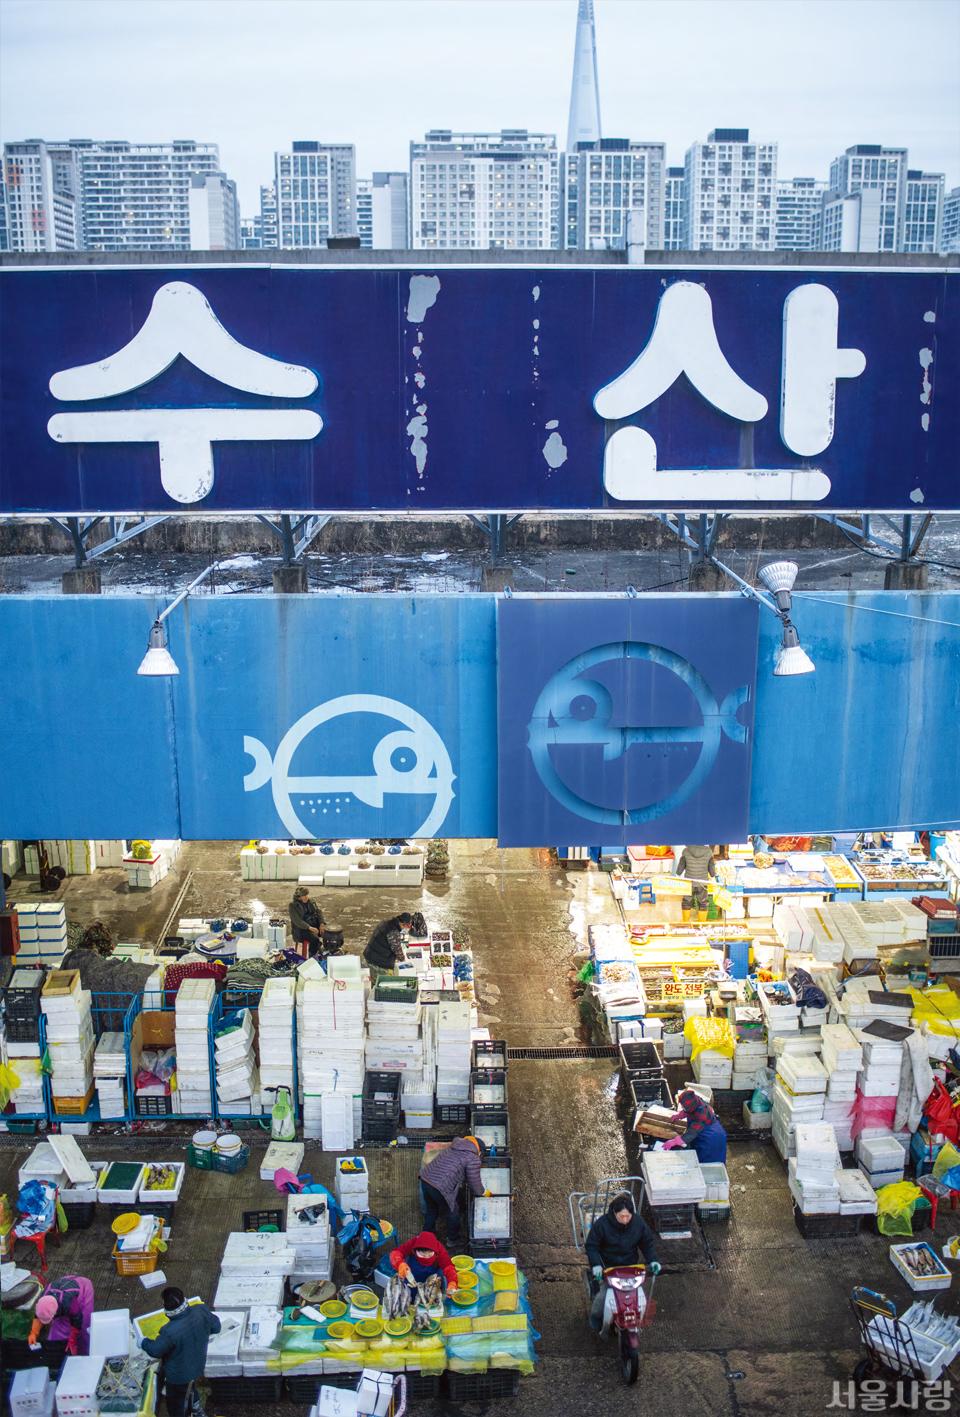 서울의 아파트 숲과 이웃한 가락동농수산물종합도매시장의 아침 풍경